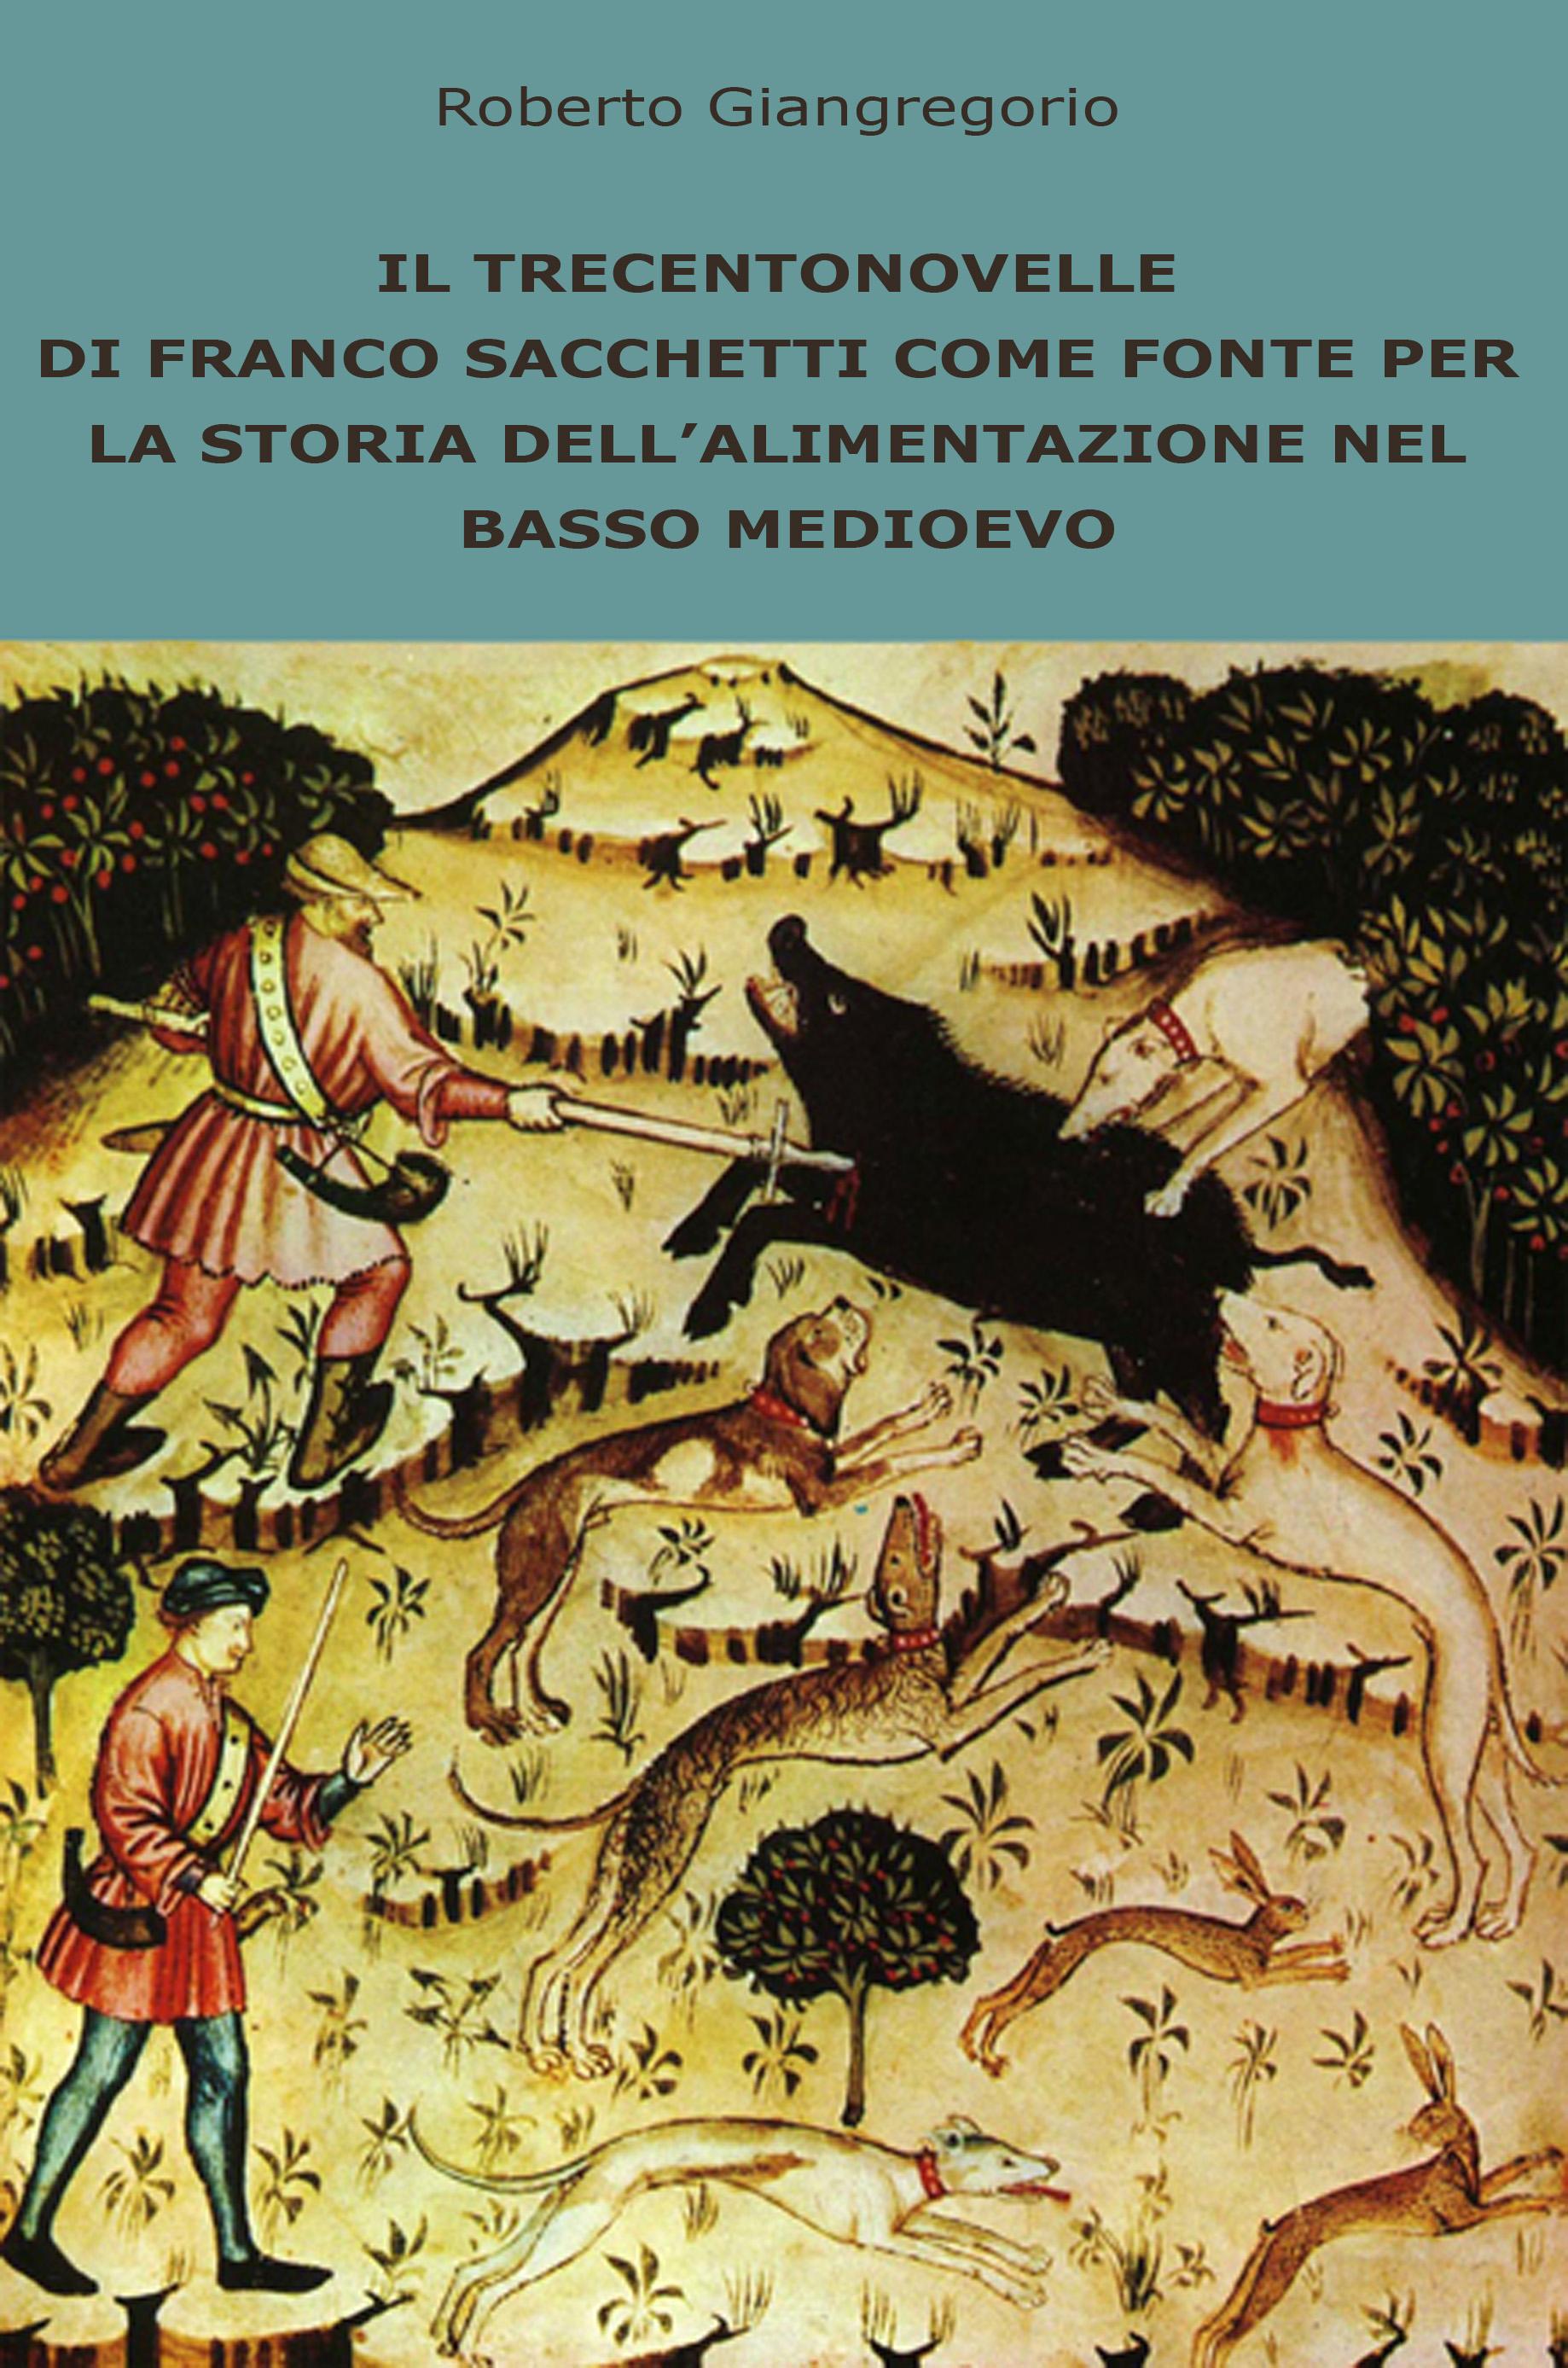 Il Trecentonovelle di Franco Sacchetti come fonte per la storia dell'alimentazione medievale